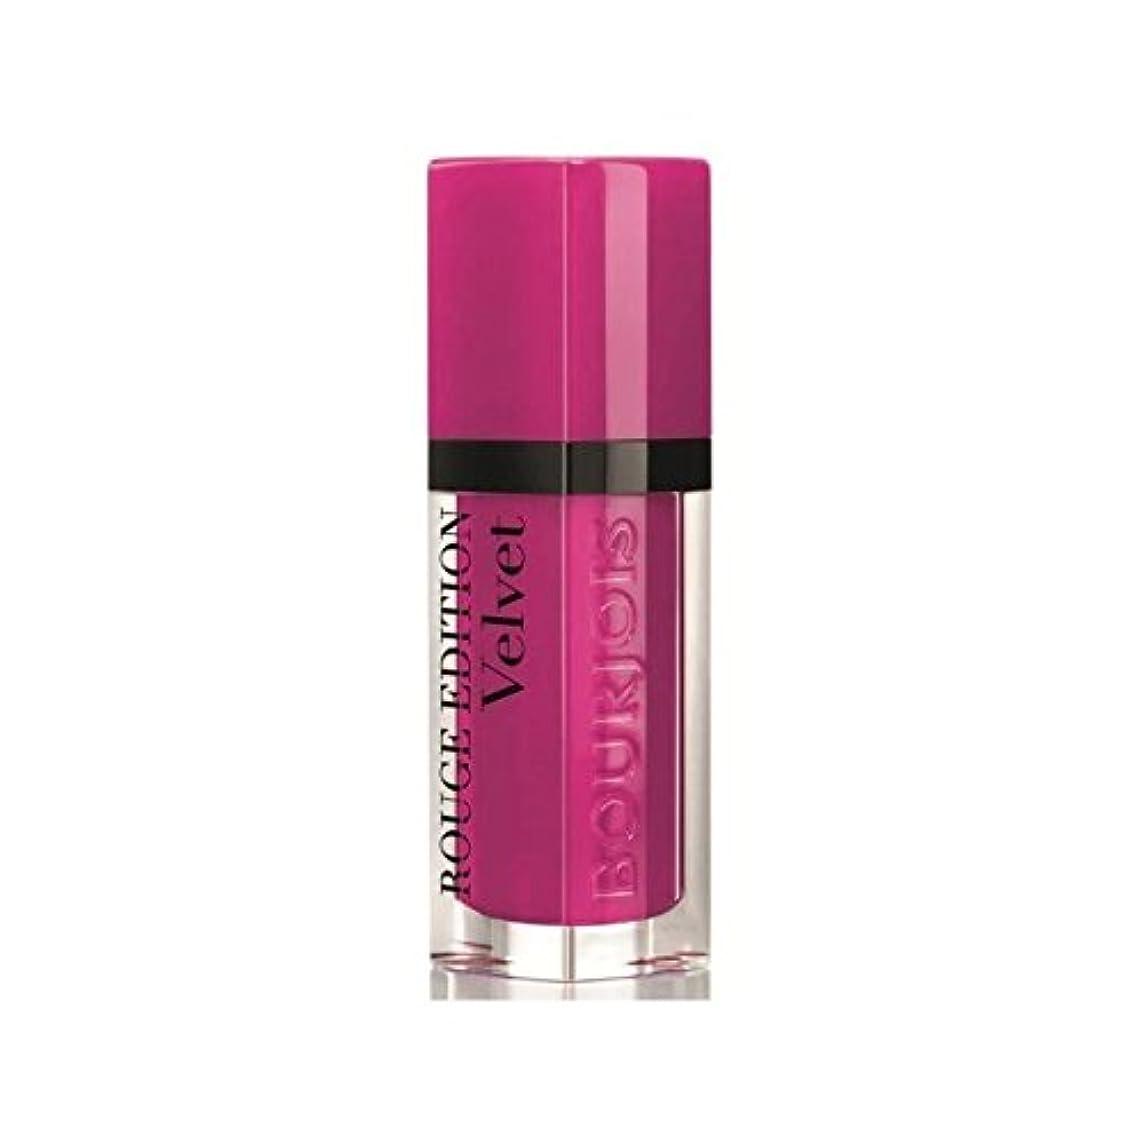 知的発音スペシャリストBourjois Rouge Edition Velvet lipstick Pink Pong 6 - ブルジョワルージュ版ベルベットの口紅ピンクピンポン6 [並行輸入品]